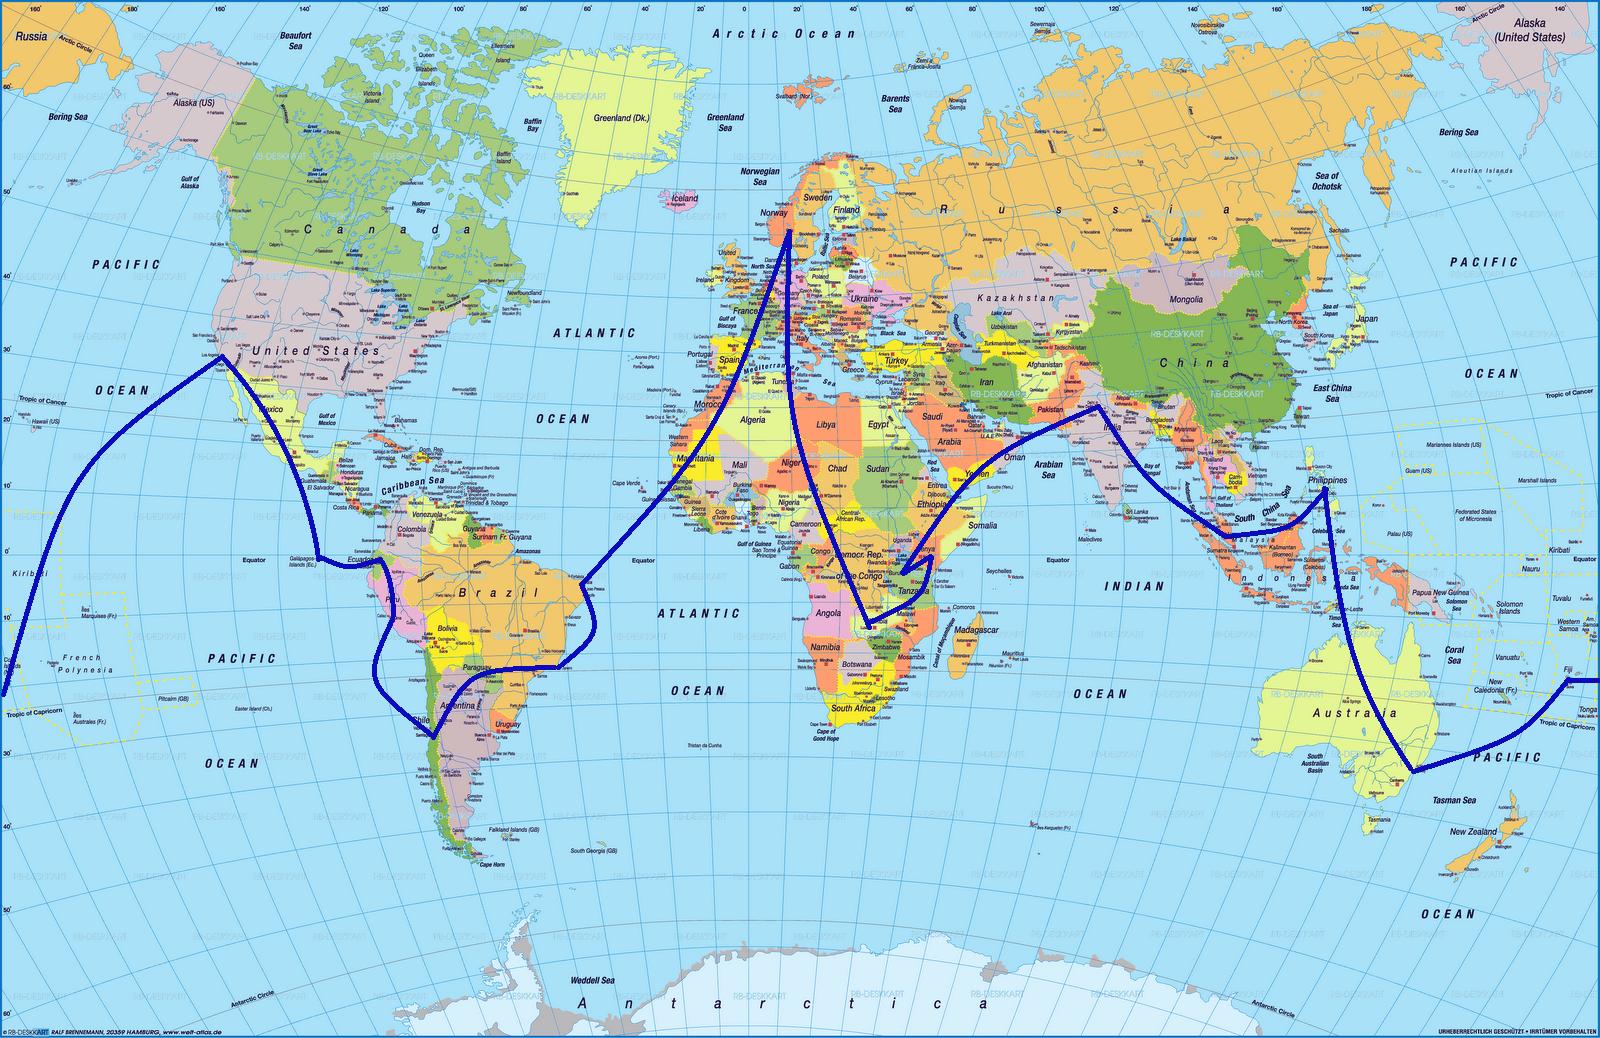 Verdenskart med land og hovedstad